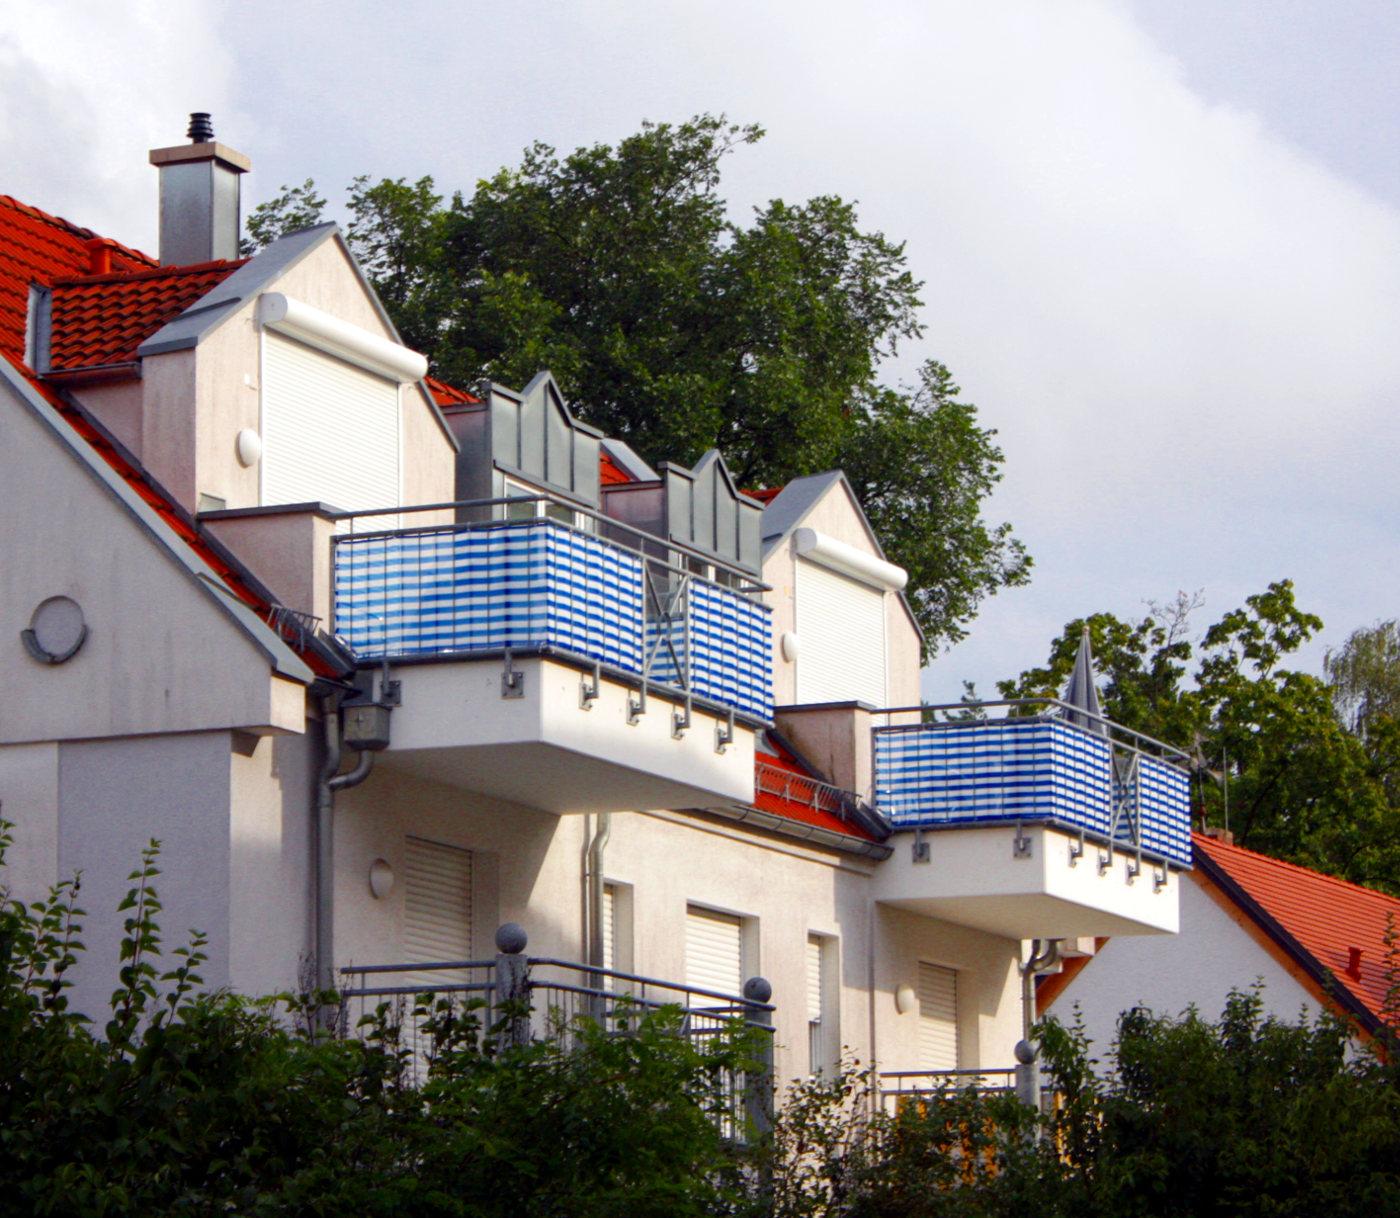 Sichtschutz Für Meinen Balkon Aus Bambus Stoff Holz Oder Edelstahl